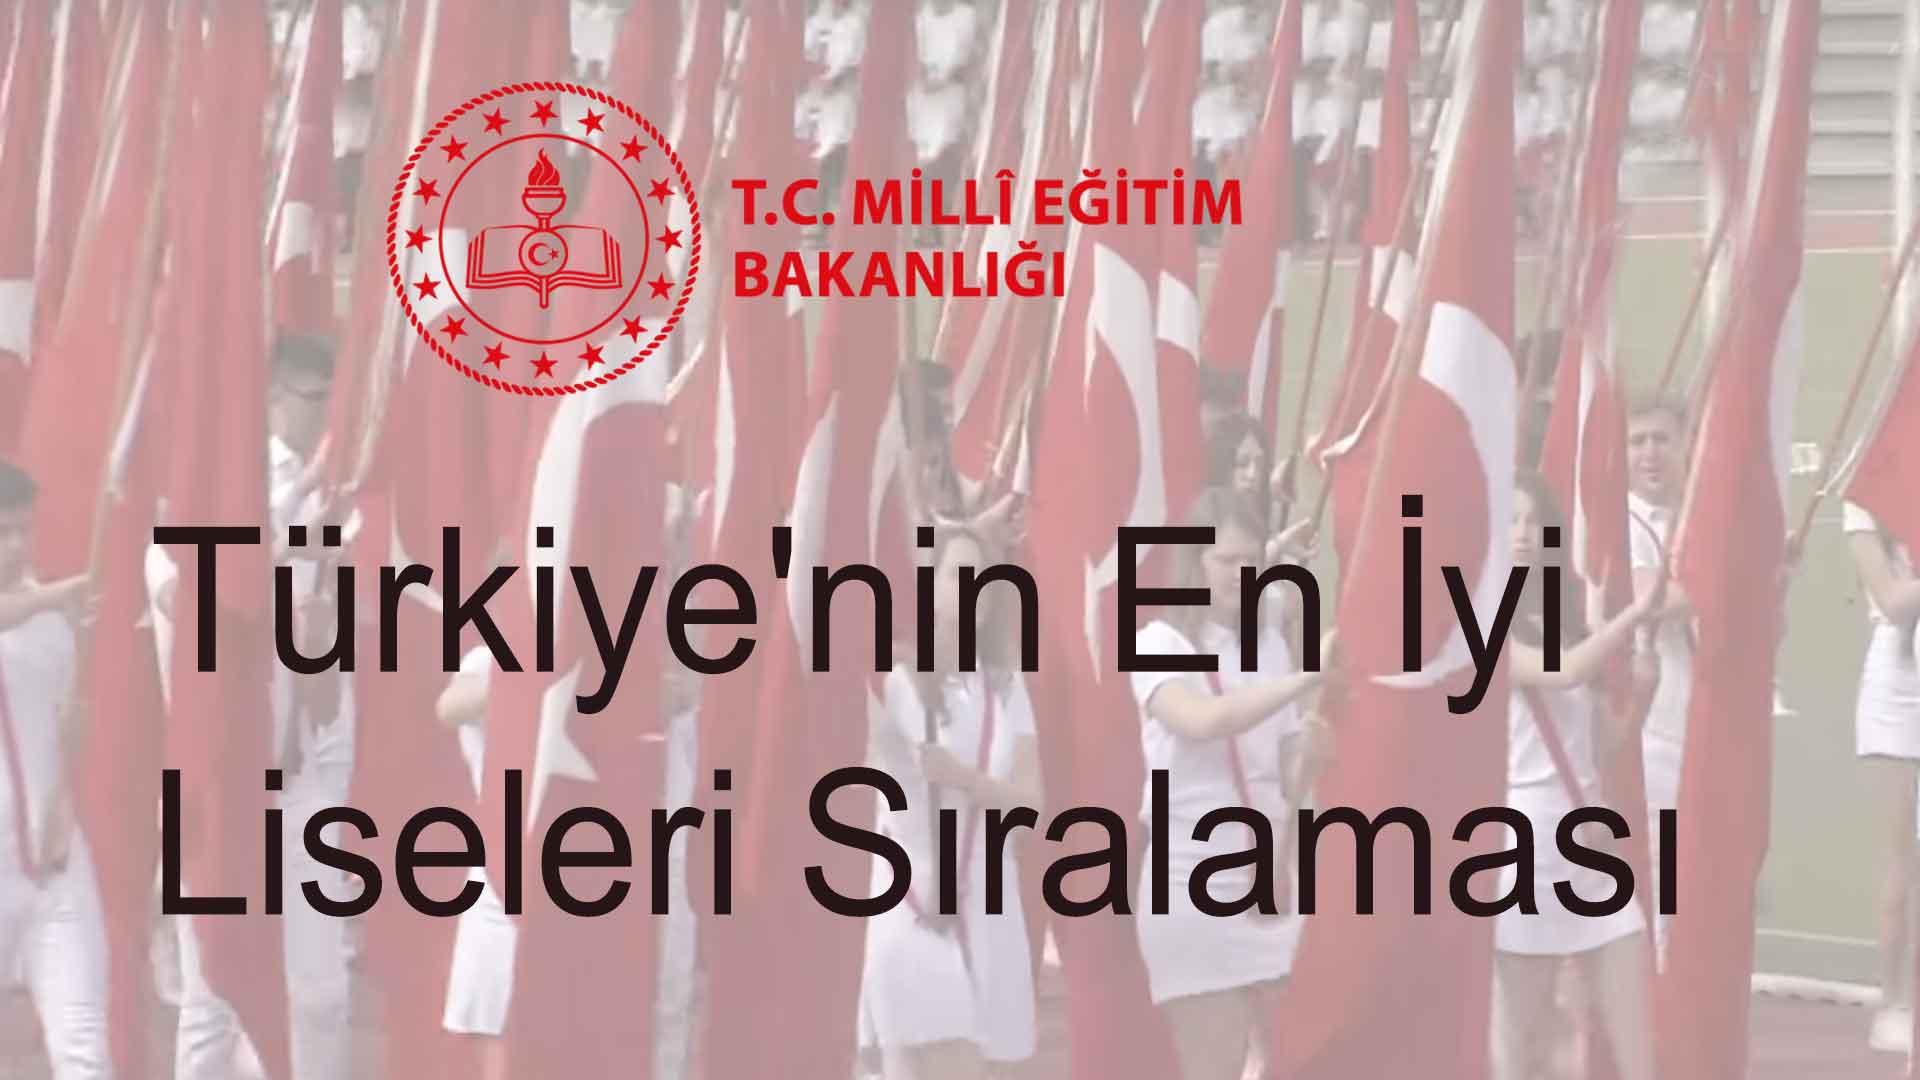 Türkiye'nin En İyi Liseleri Sıralaması